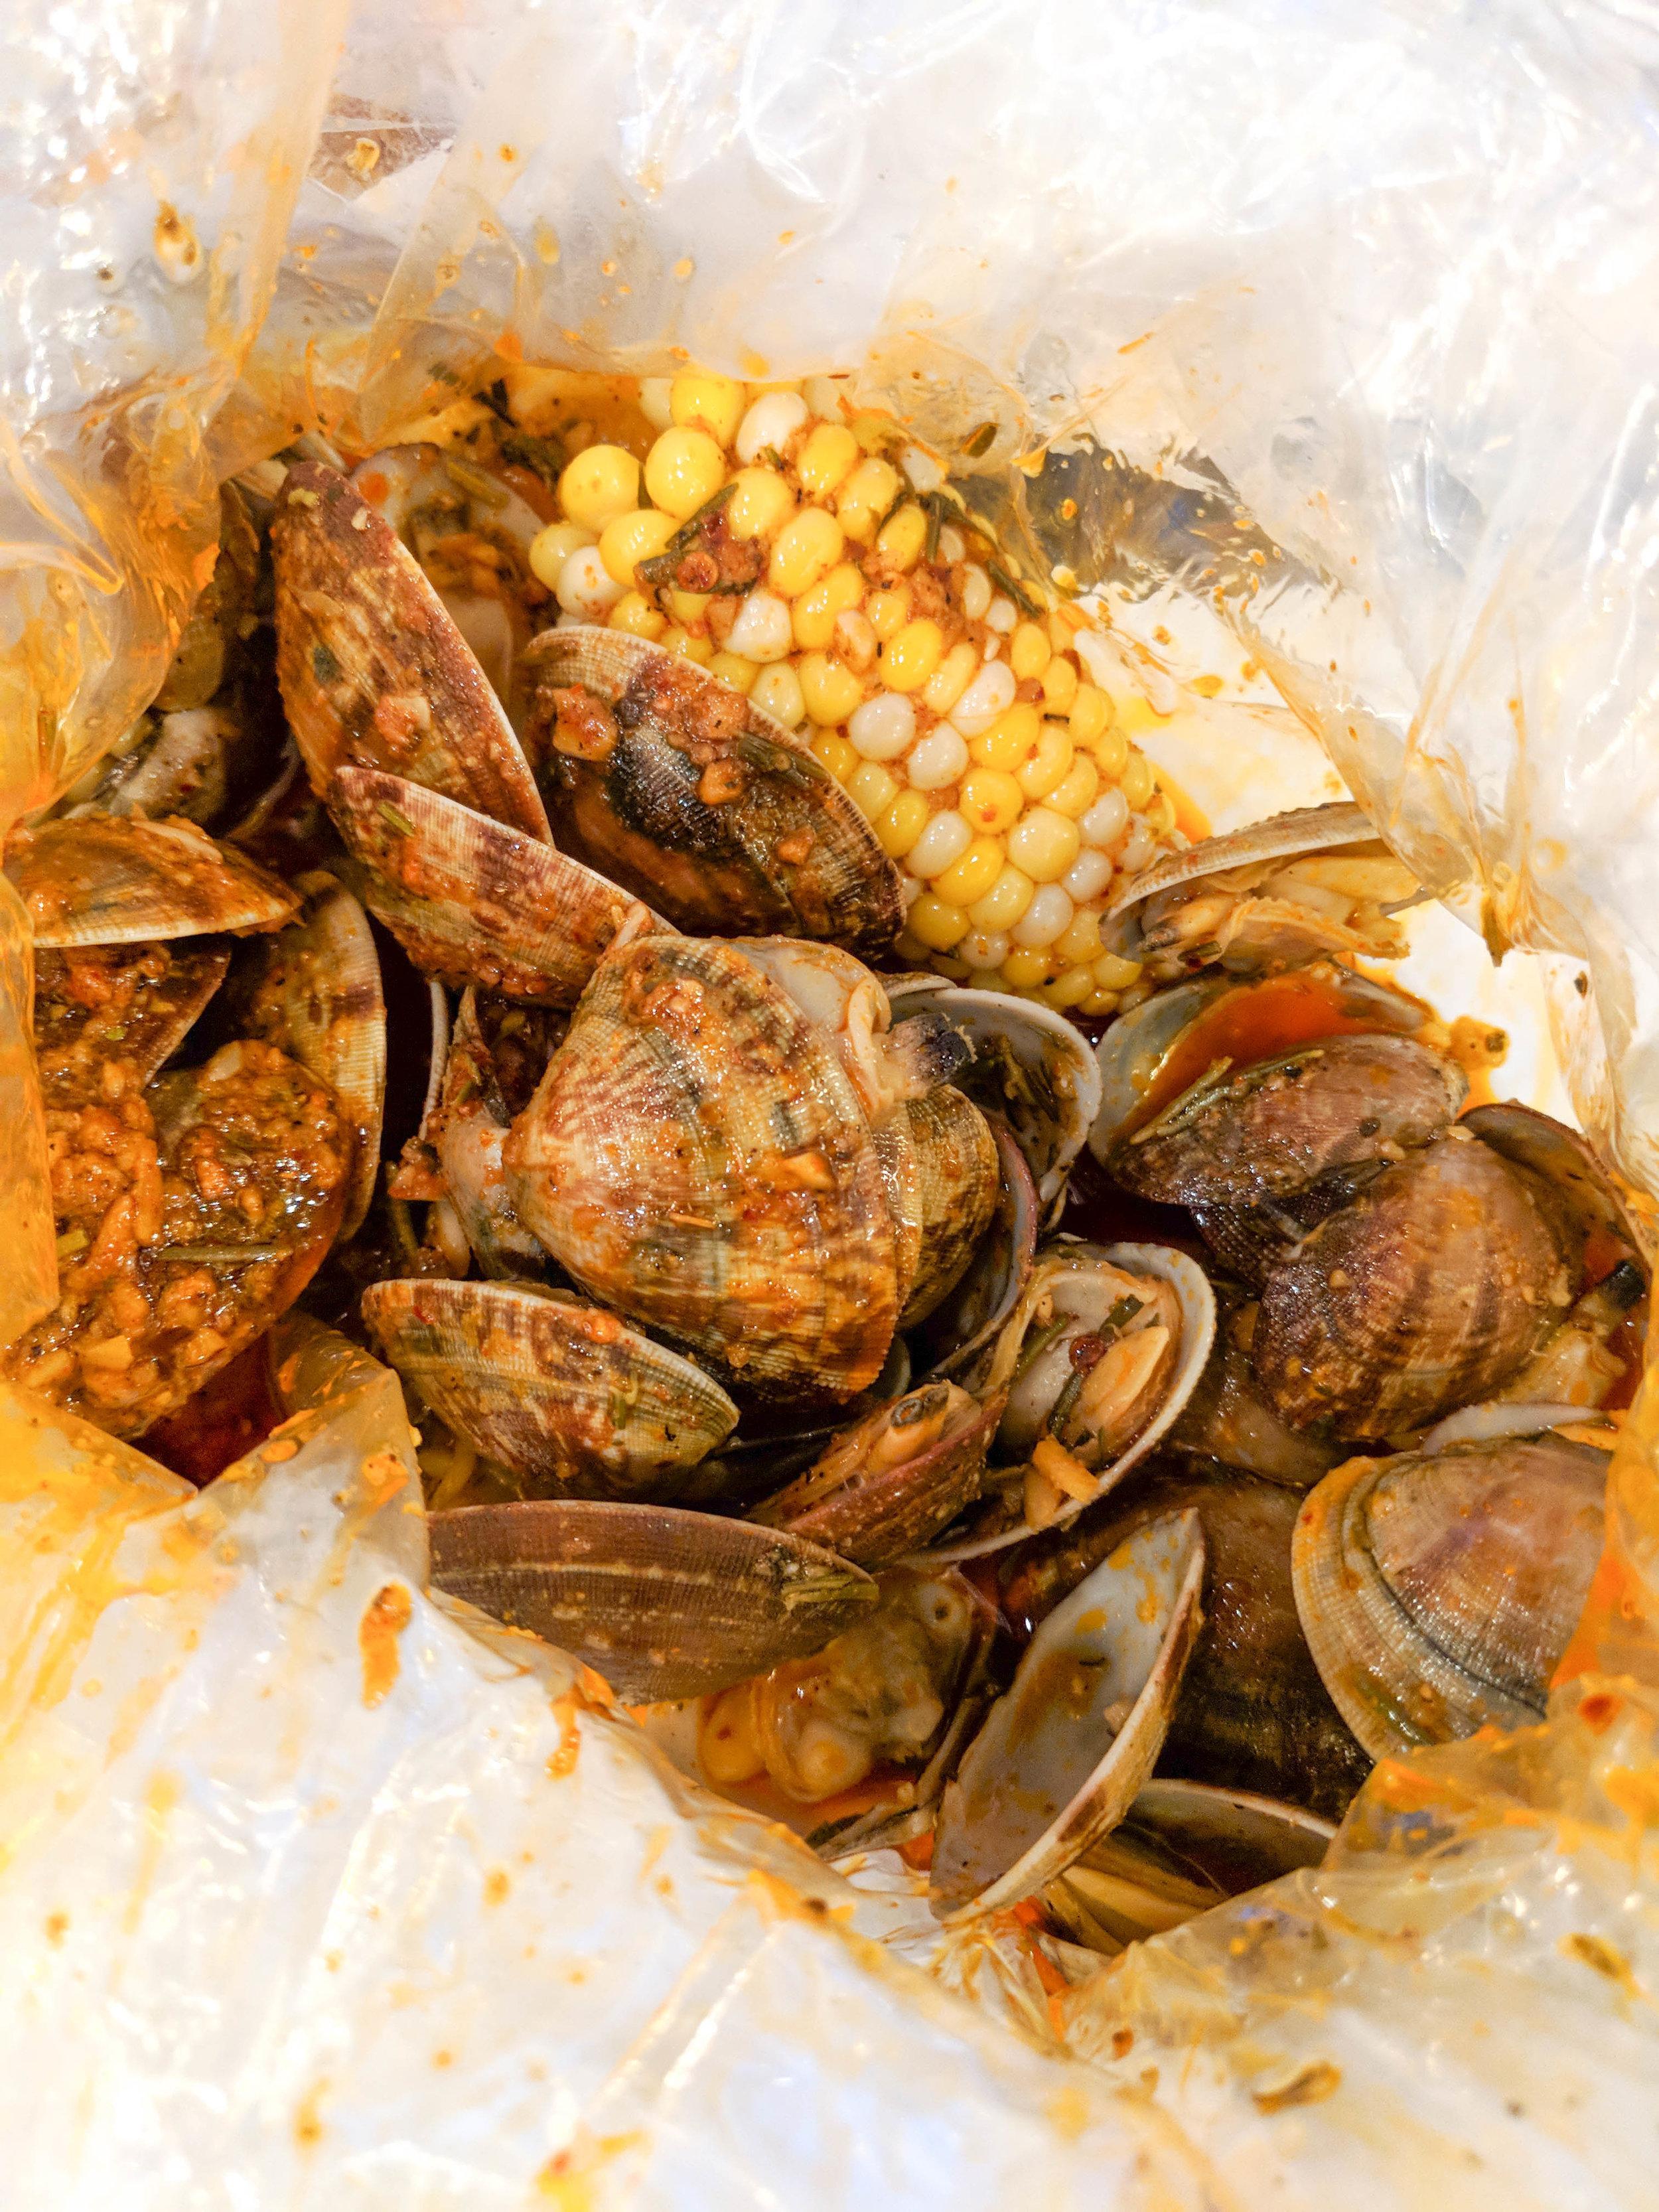 bri rinehart; shaking crab; boston